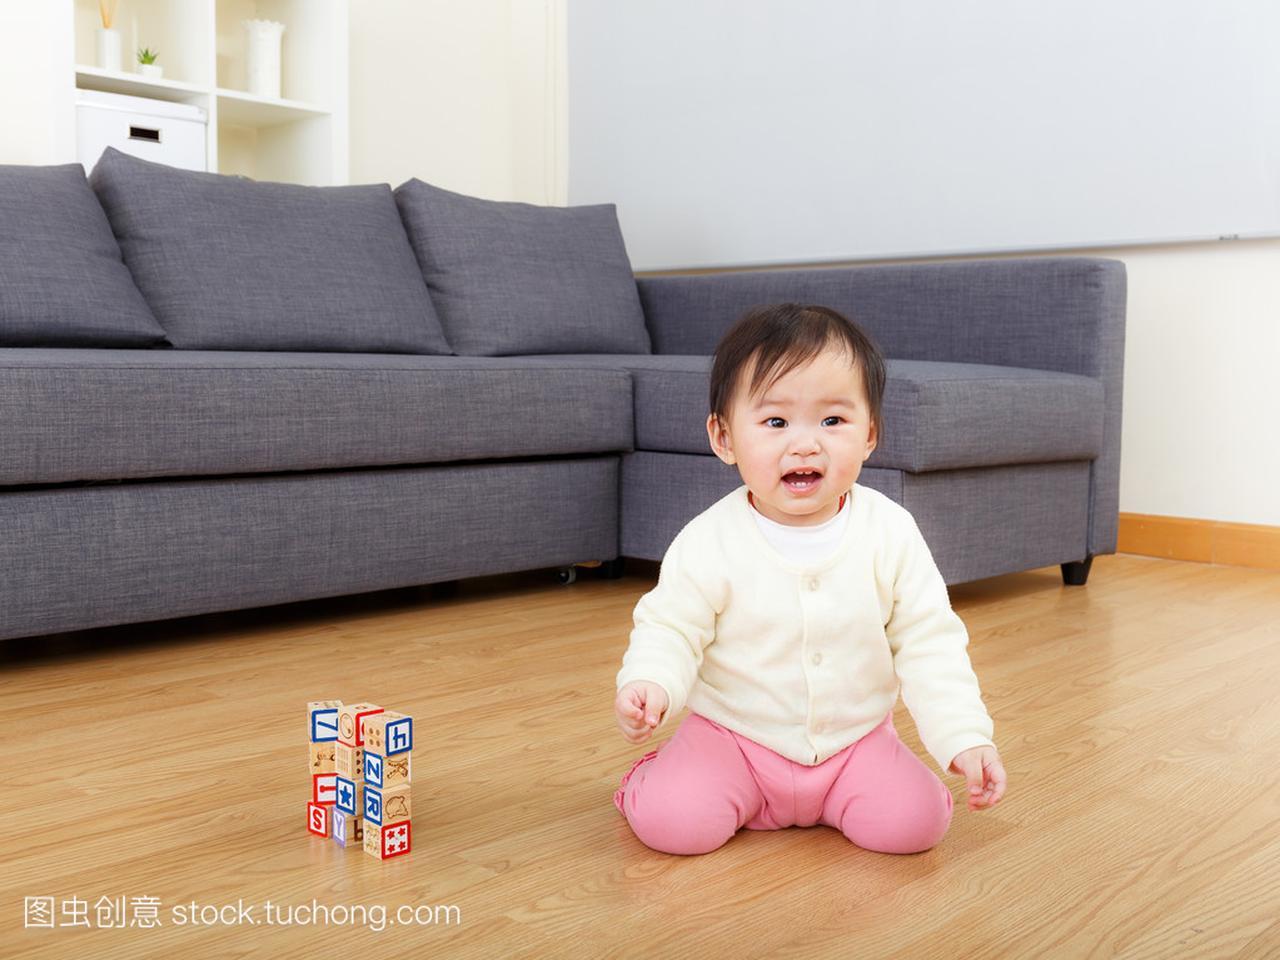 亚洲玩具图片玩玩具积木在家里剑宝贝女孩图片